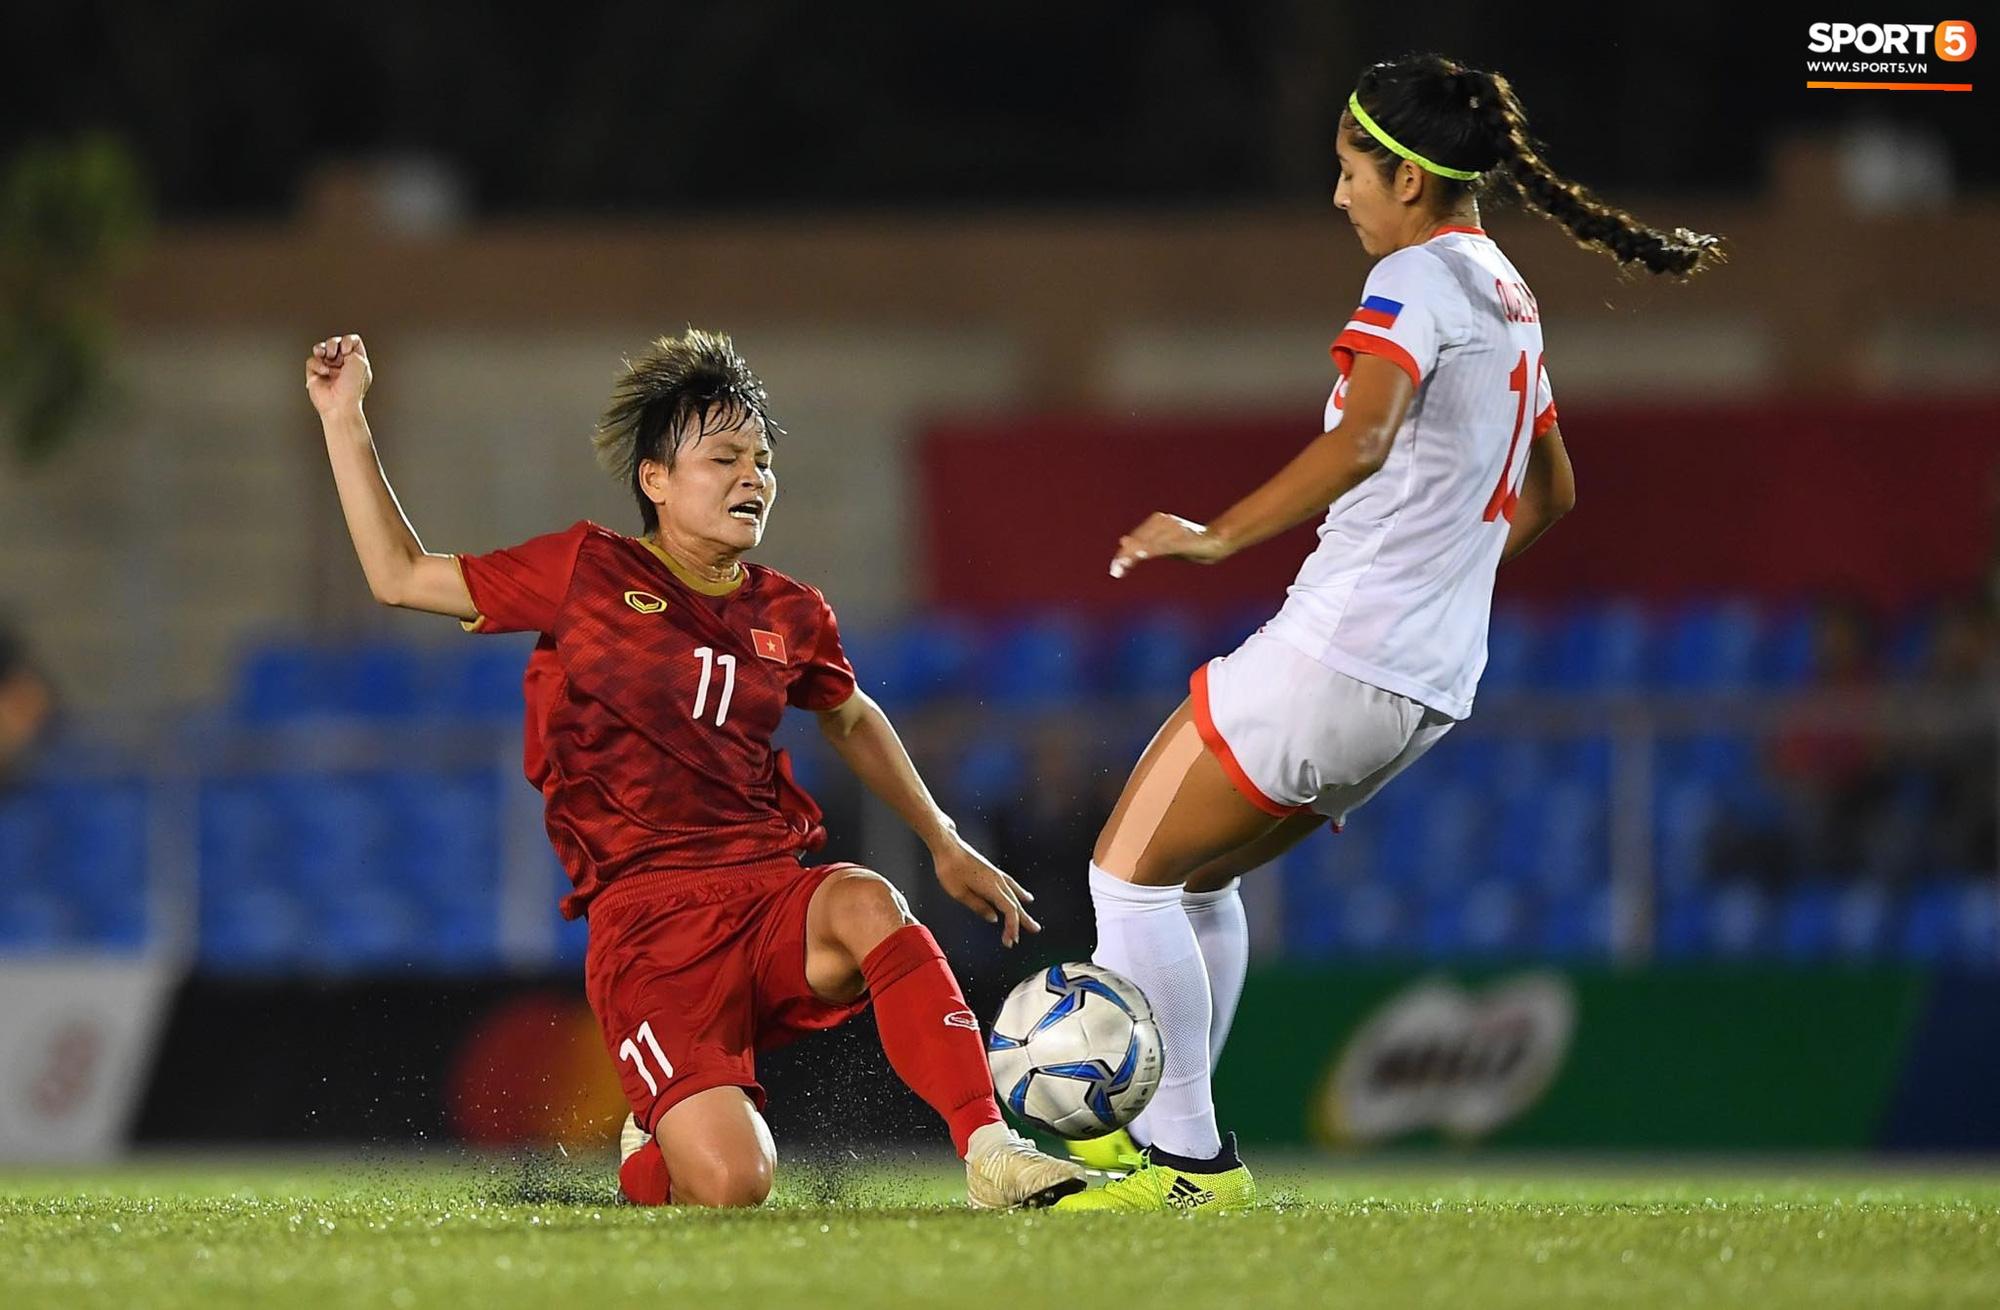 Đội trưởng tuyển nữ Việt Nam đổ gục xuống sân vì kiệt sức sau khi cùng đồng đội giành quyền vào chung kết SEA Games 30 - Ảnh 1.